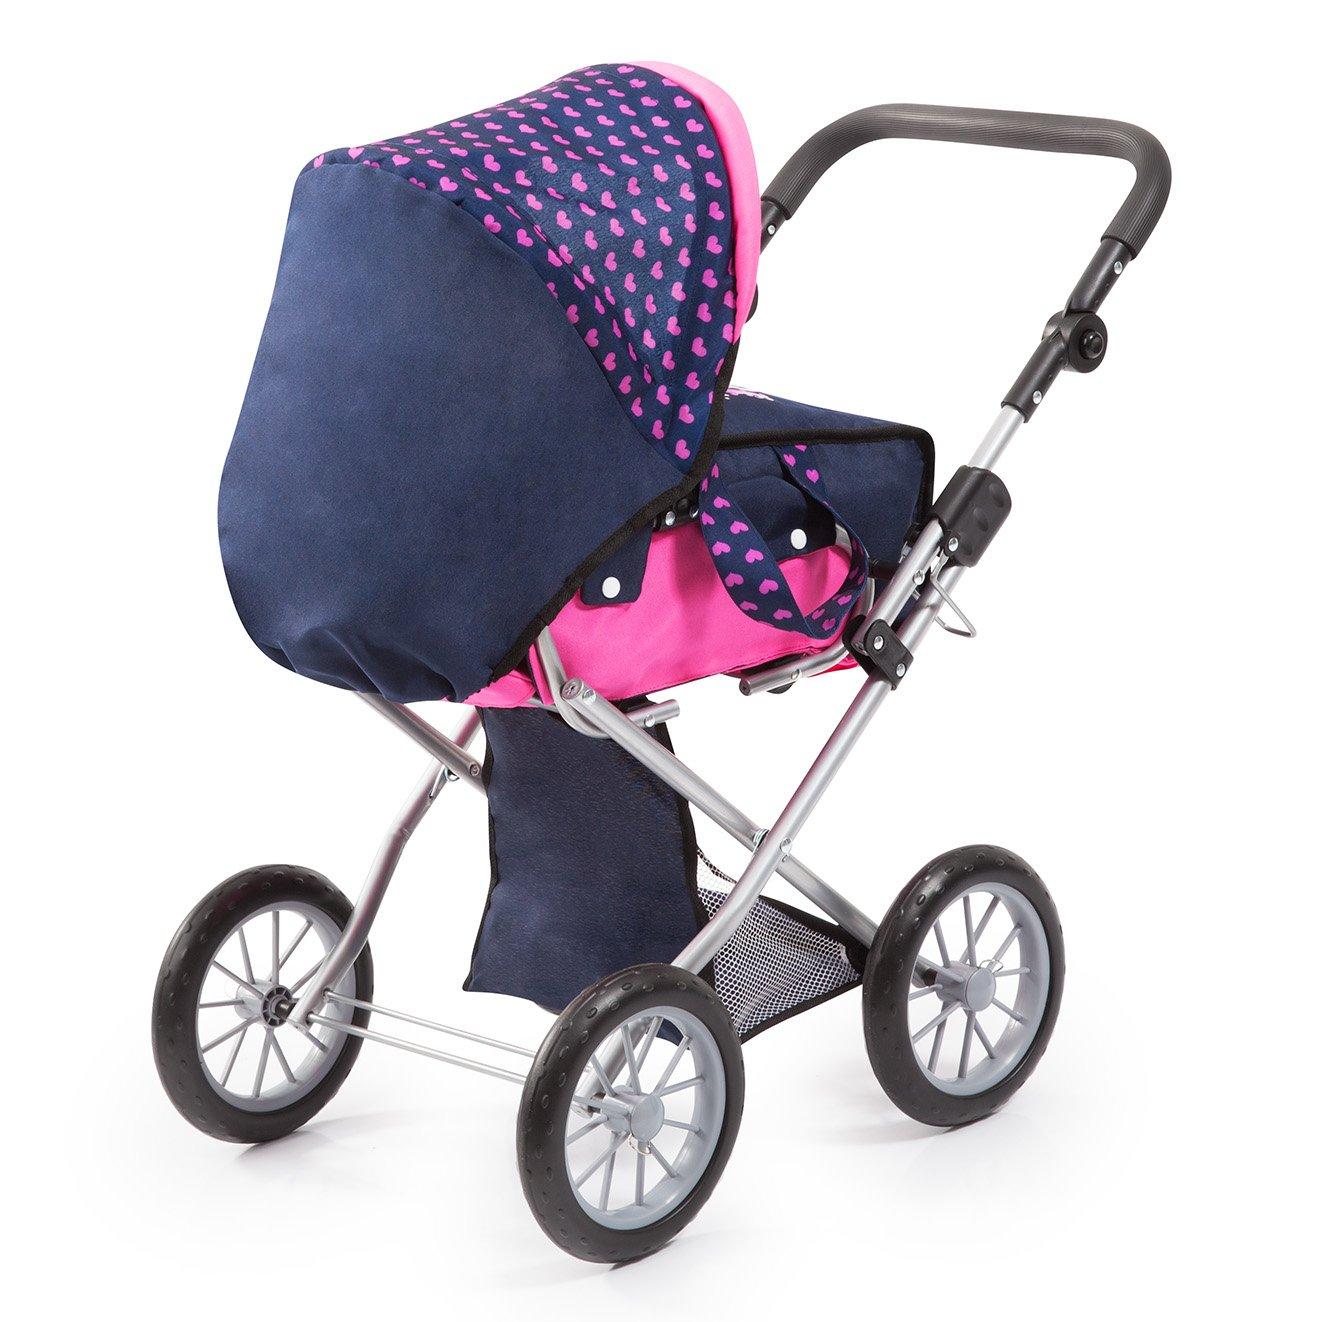 pour des poupées jusquà 46cm avec couffin amovible et sac à bandoulière bleu rose Bayer-Design landau combi réglable Bayer Design 13654AA Poussette Combi City Star 3 en 1 avec licorne moderne